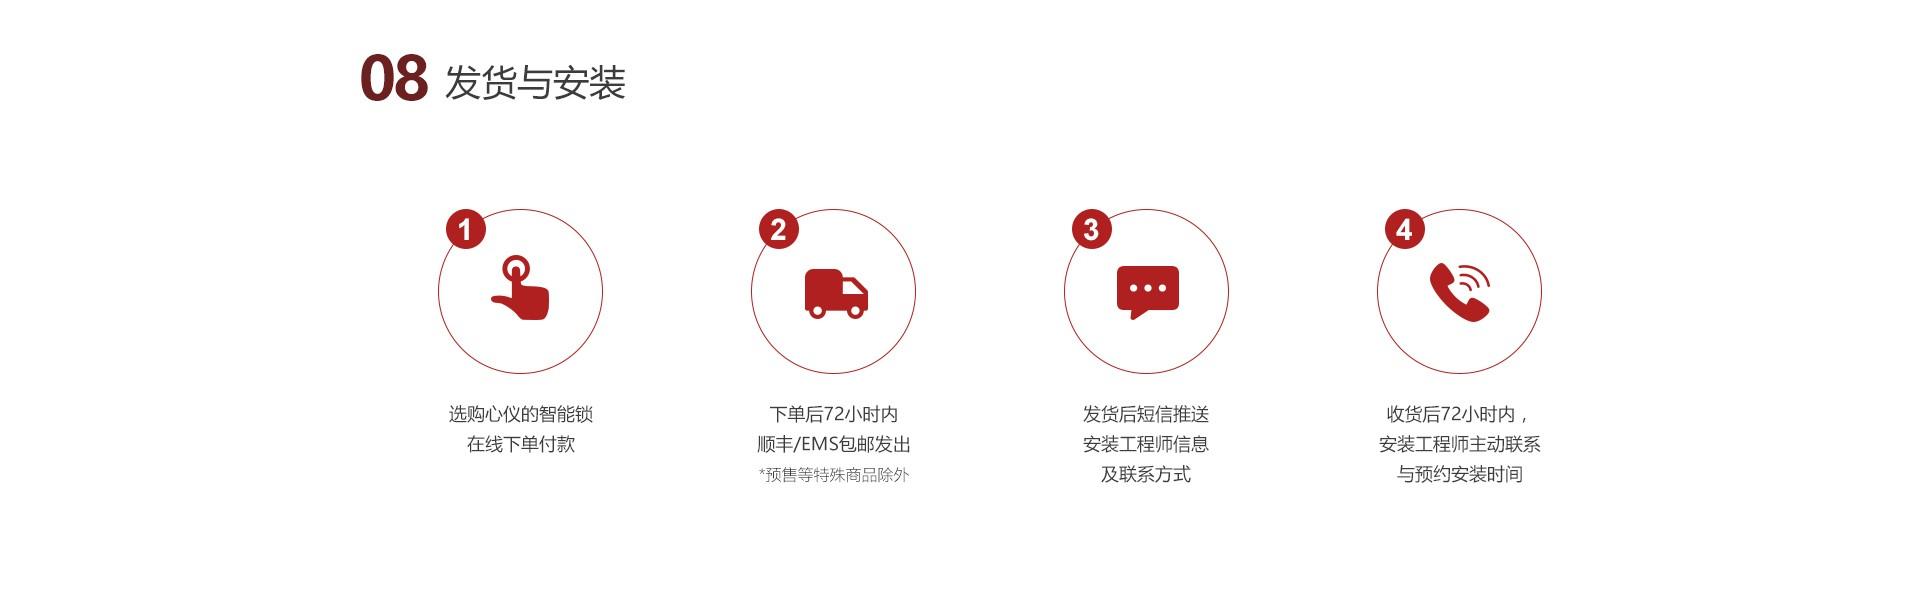 自购须知-web_09.jpg